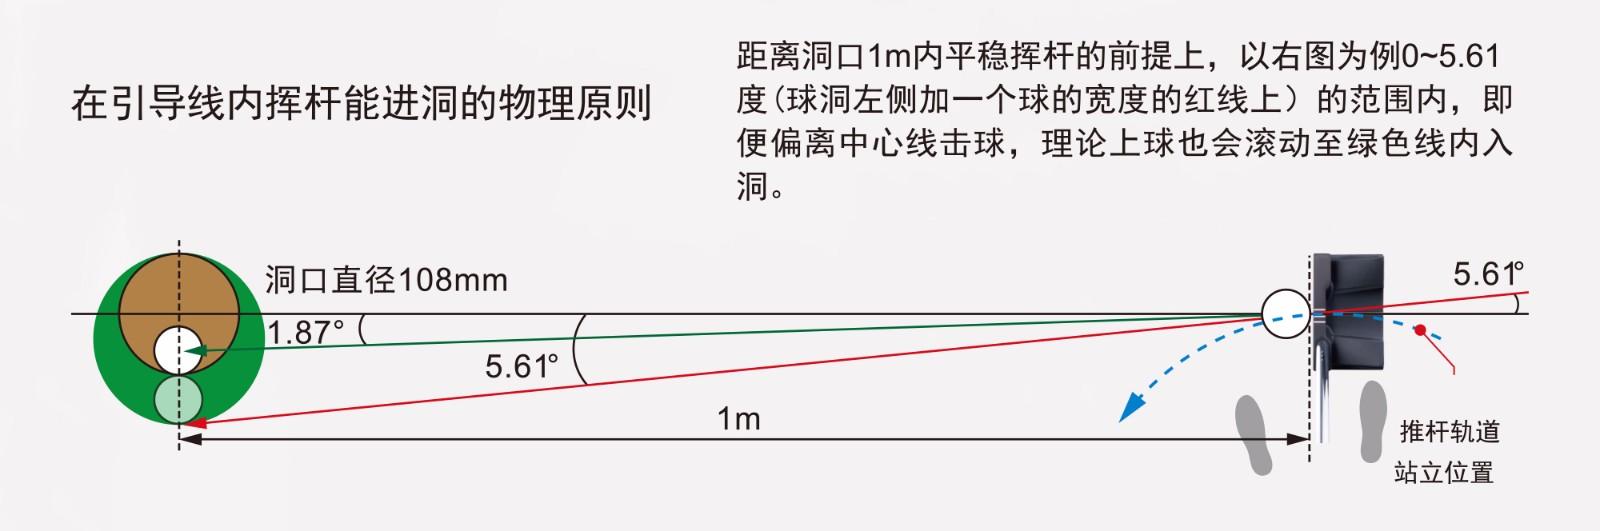 引导线设计.jpg